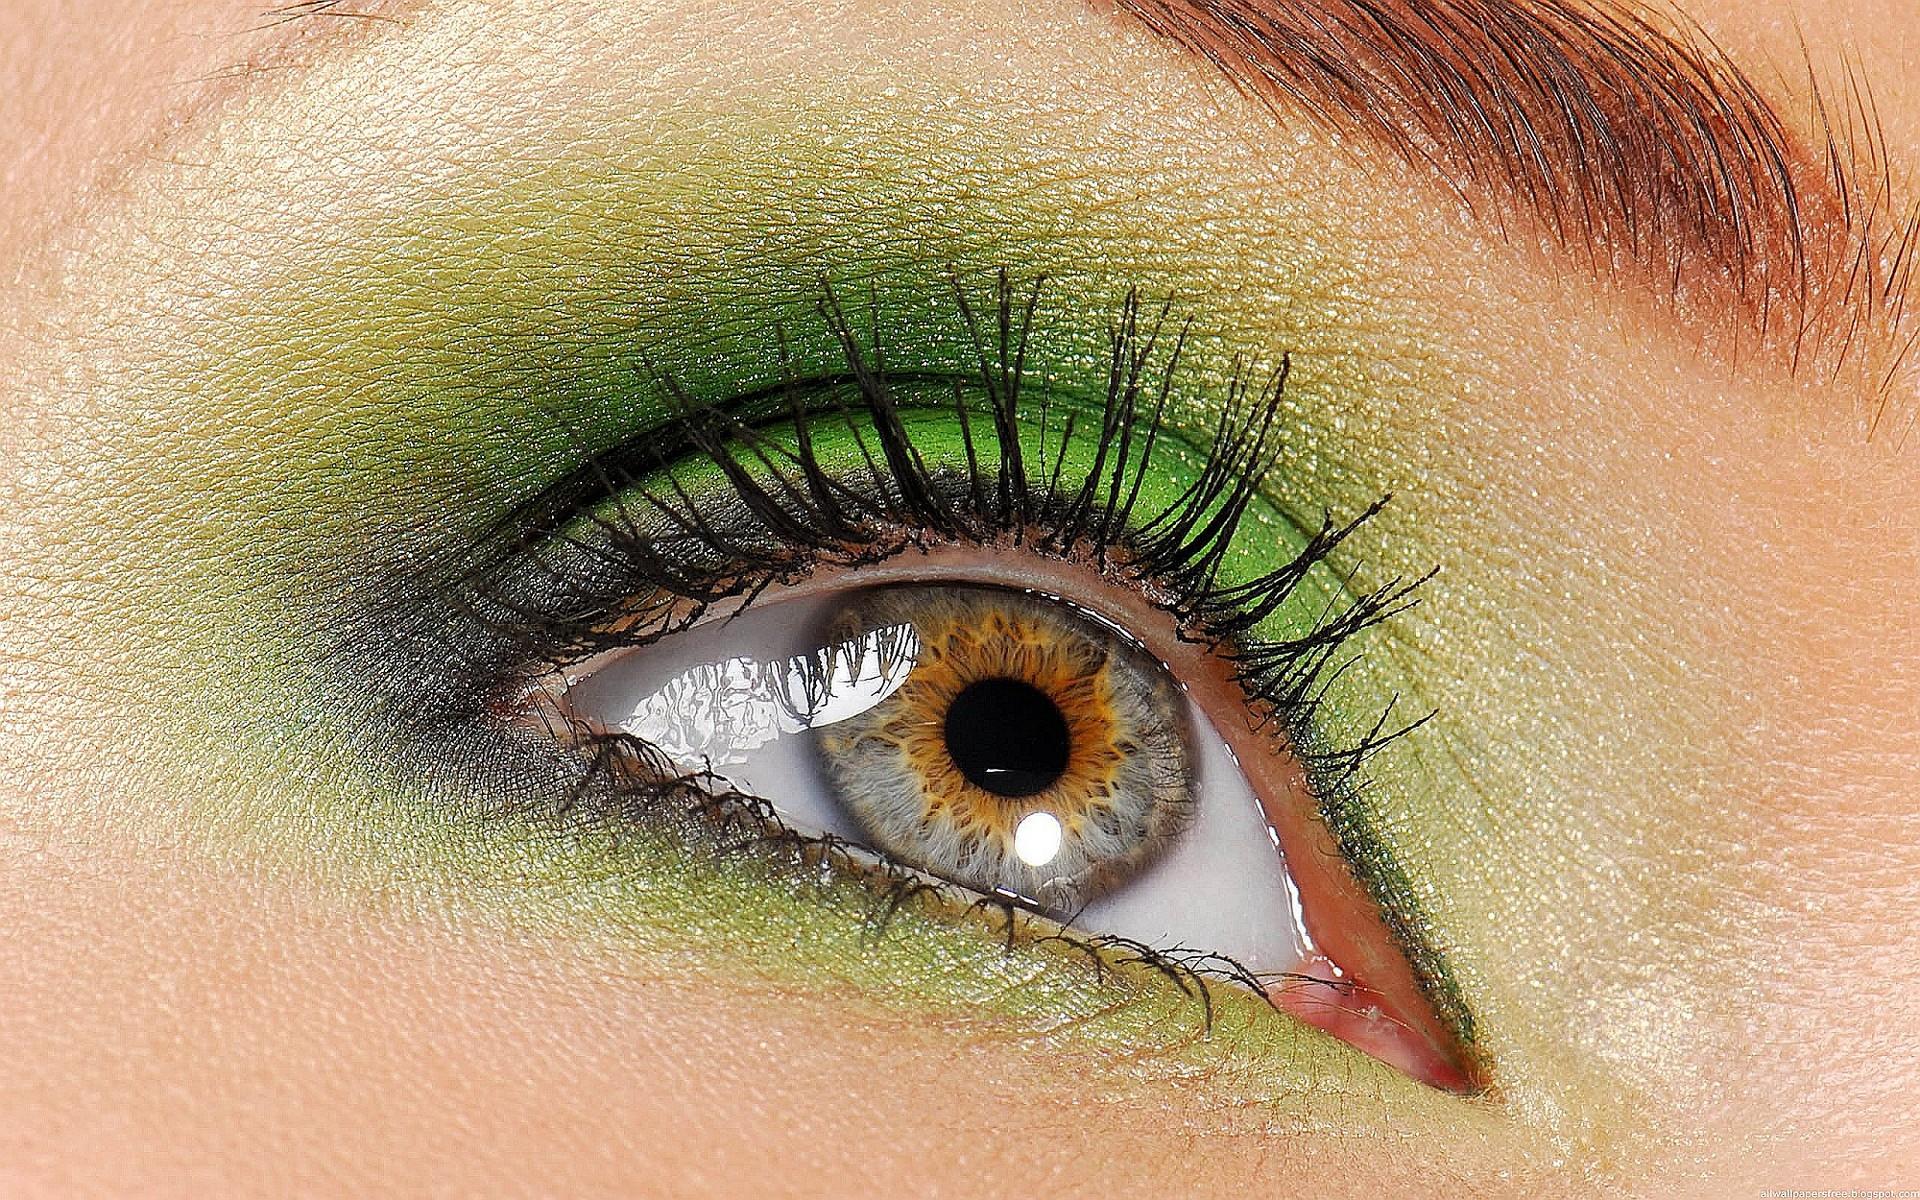 Los ojos mas hermosos - 1920x1200